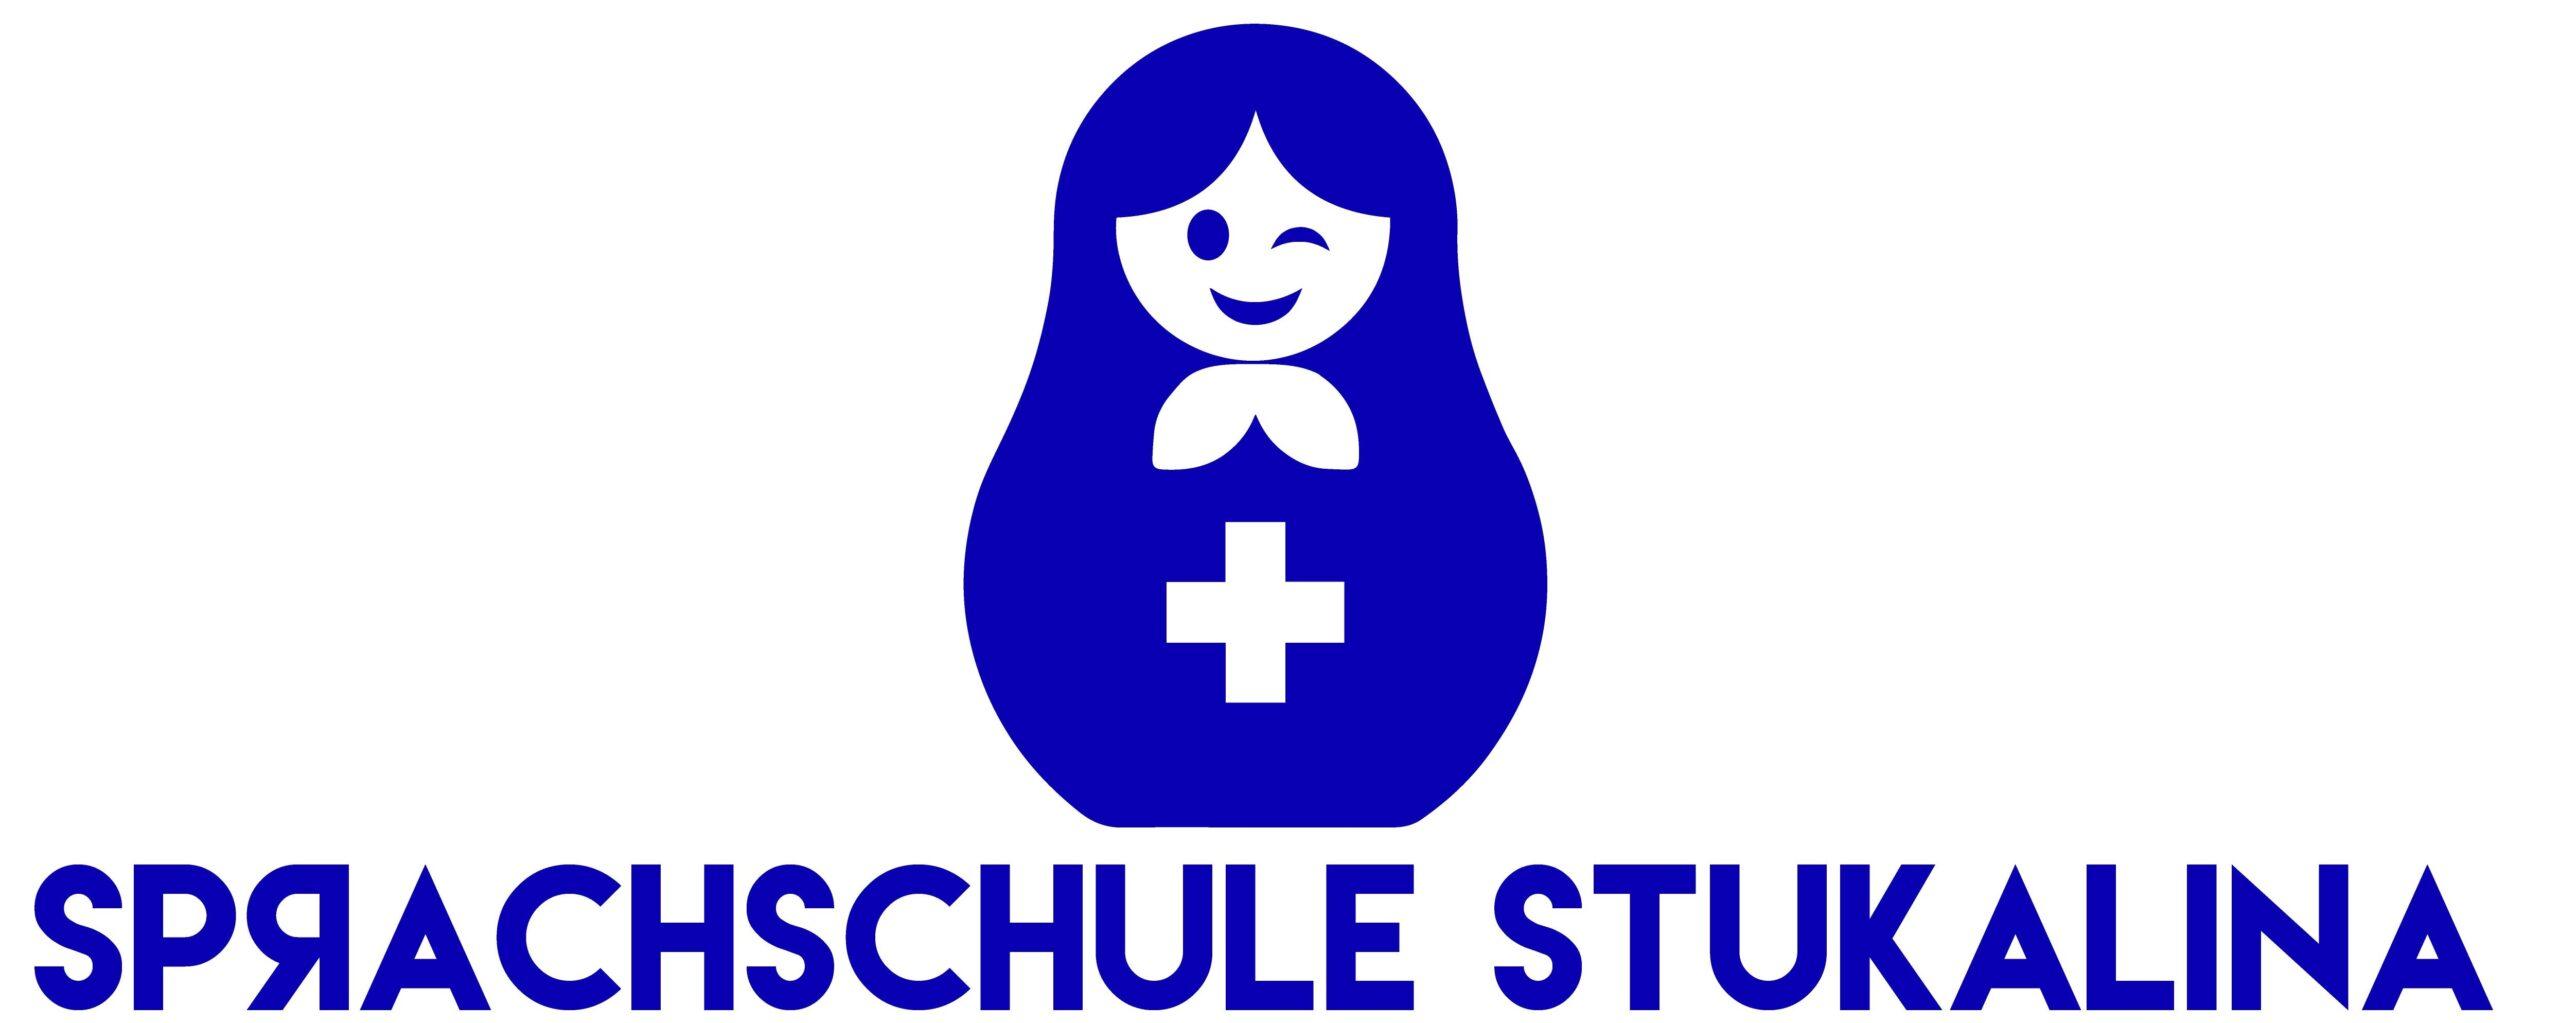 Sprachschule Stukalina